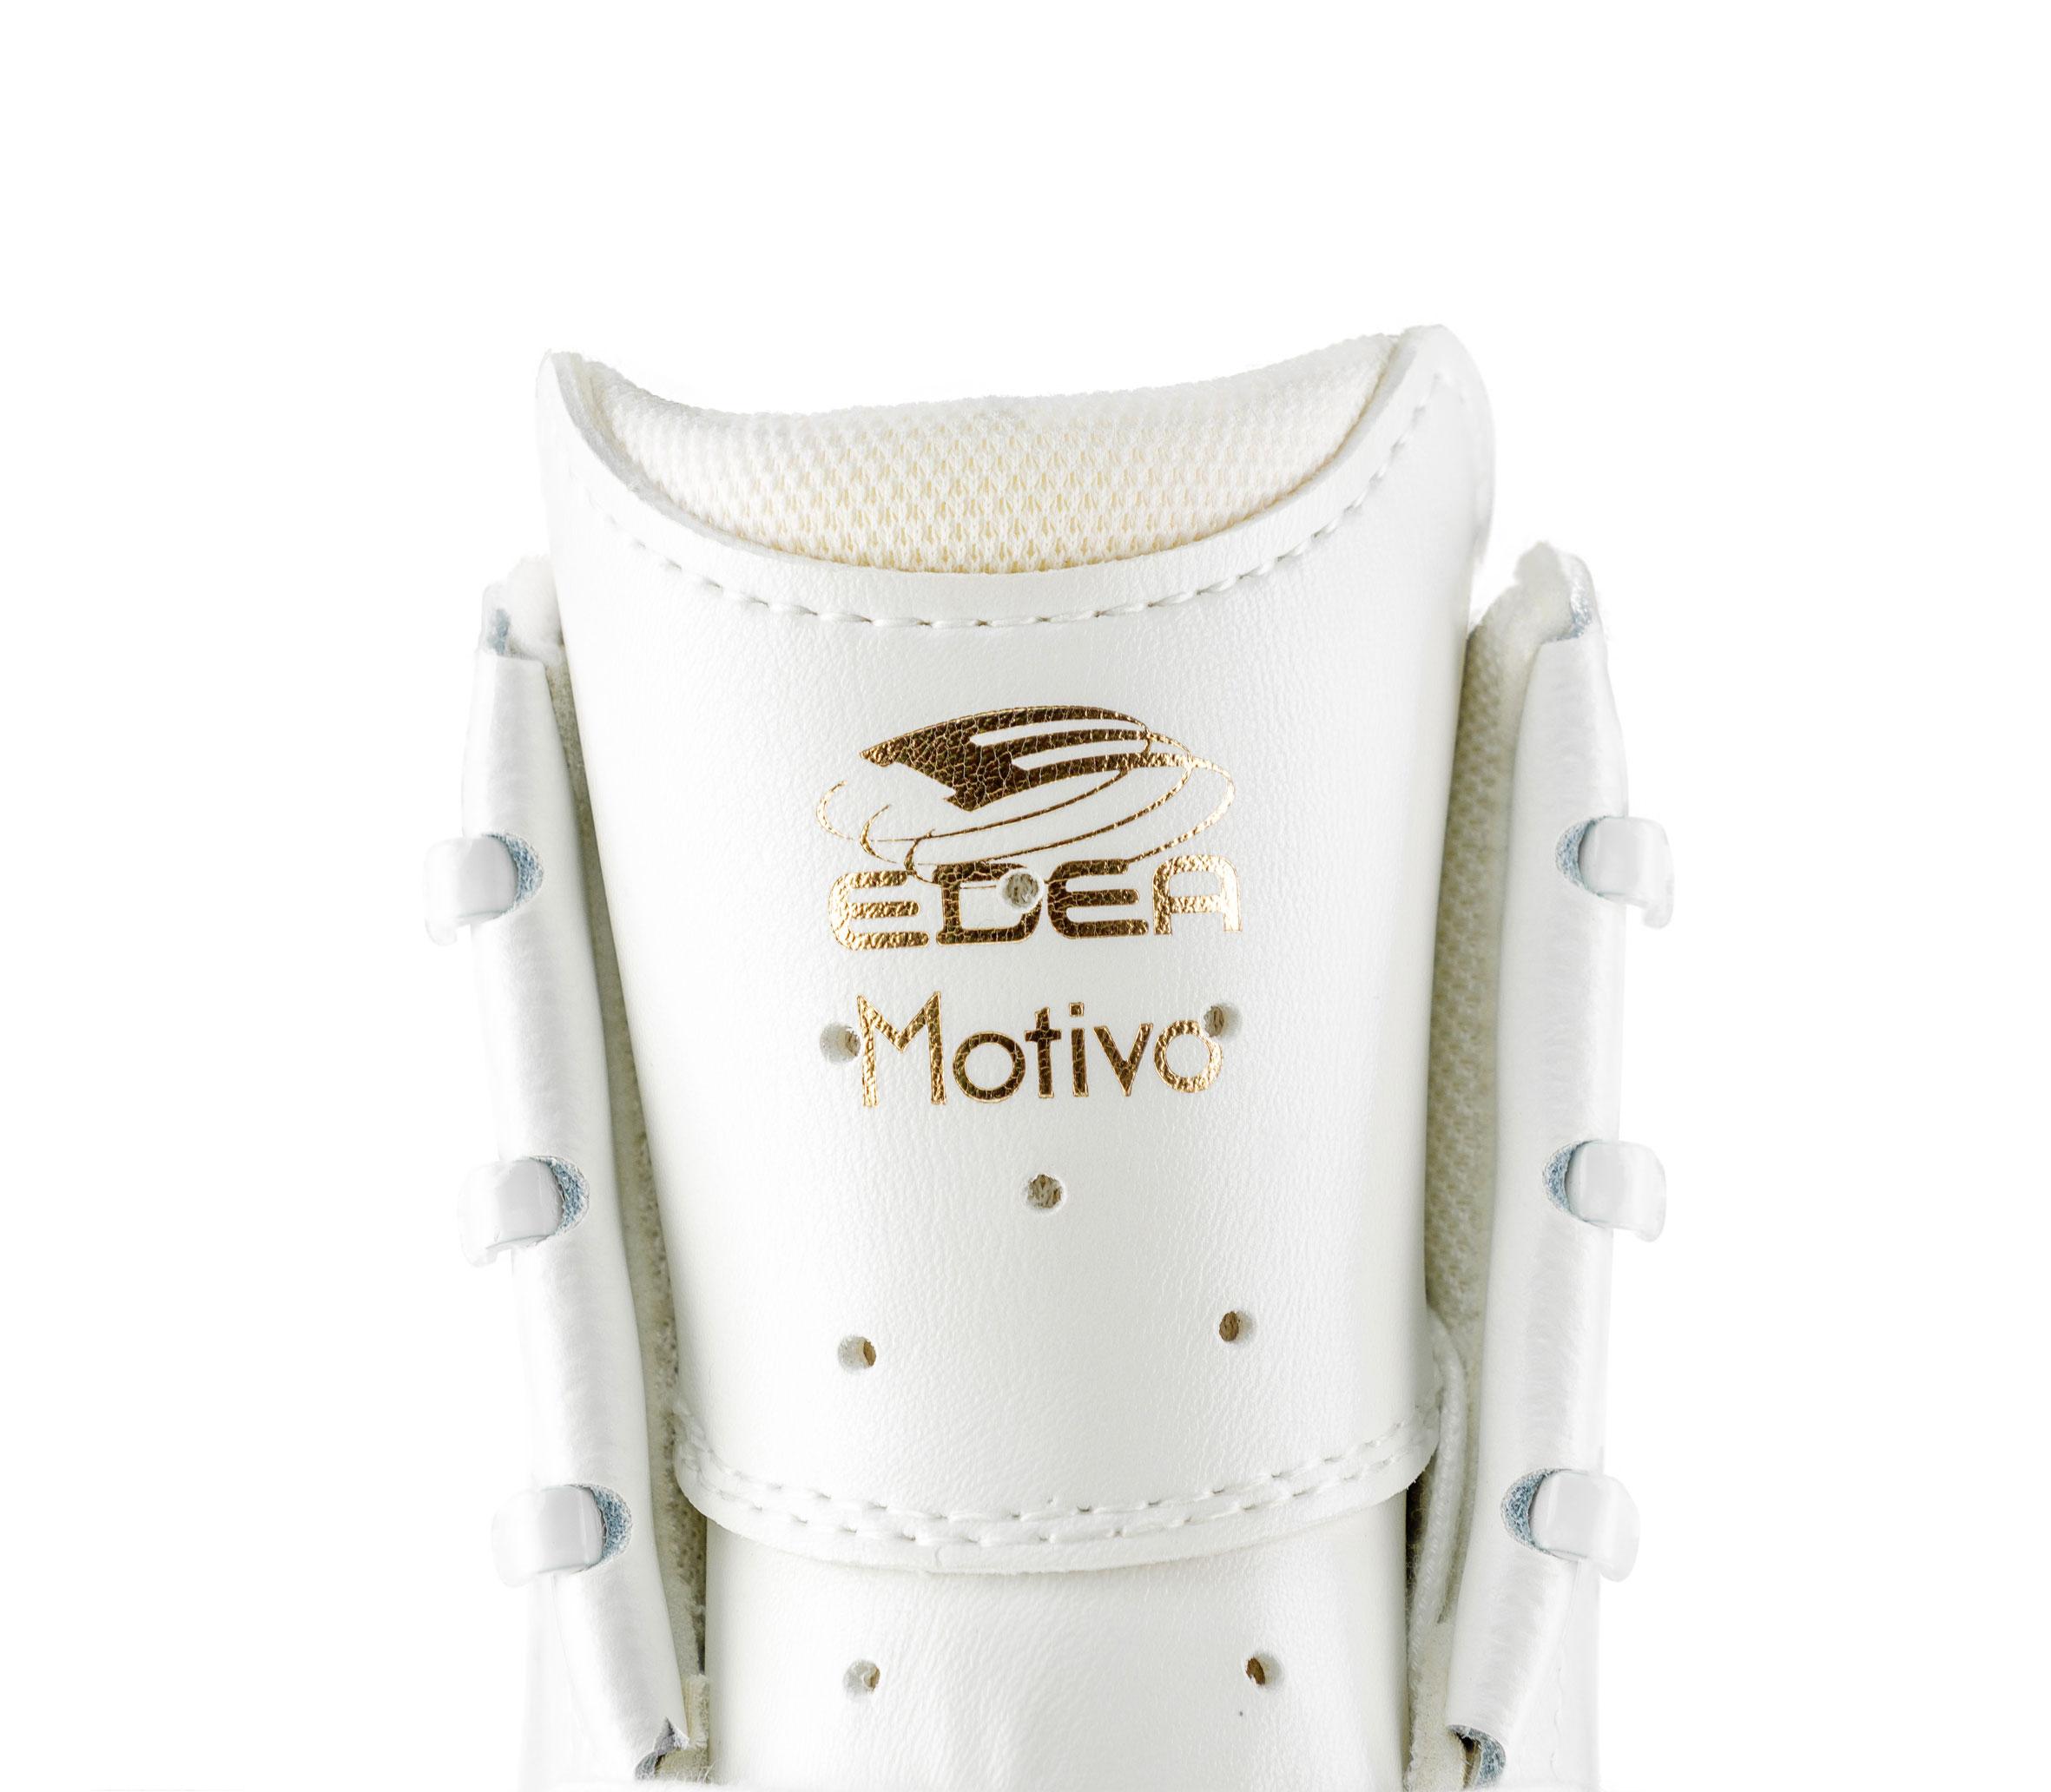 Коньки фигурные Edea Motivo с лезвием Rotation